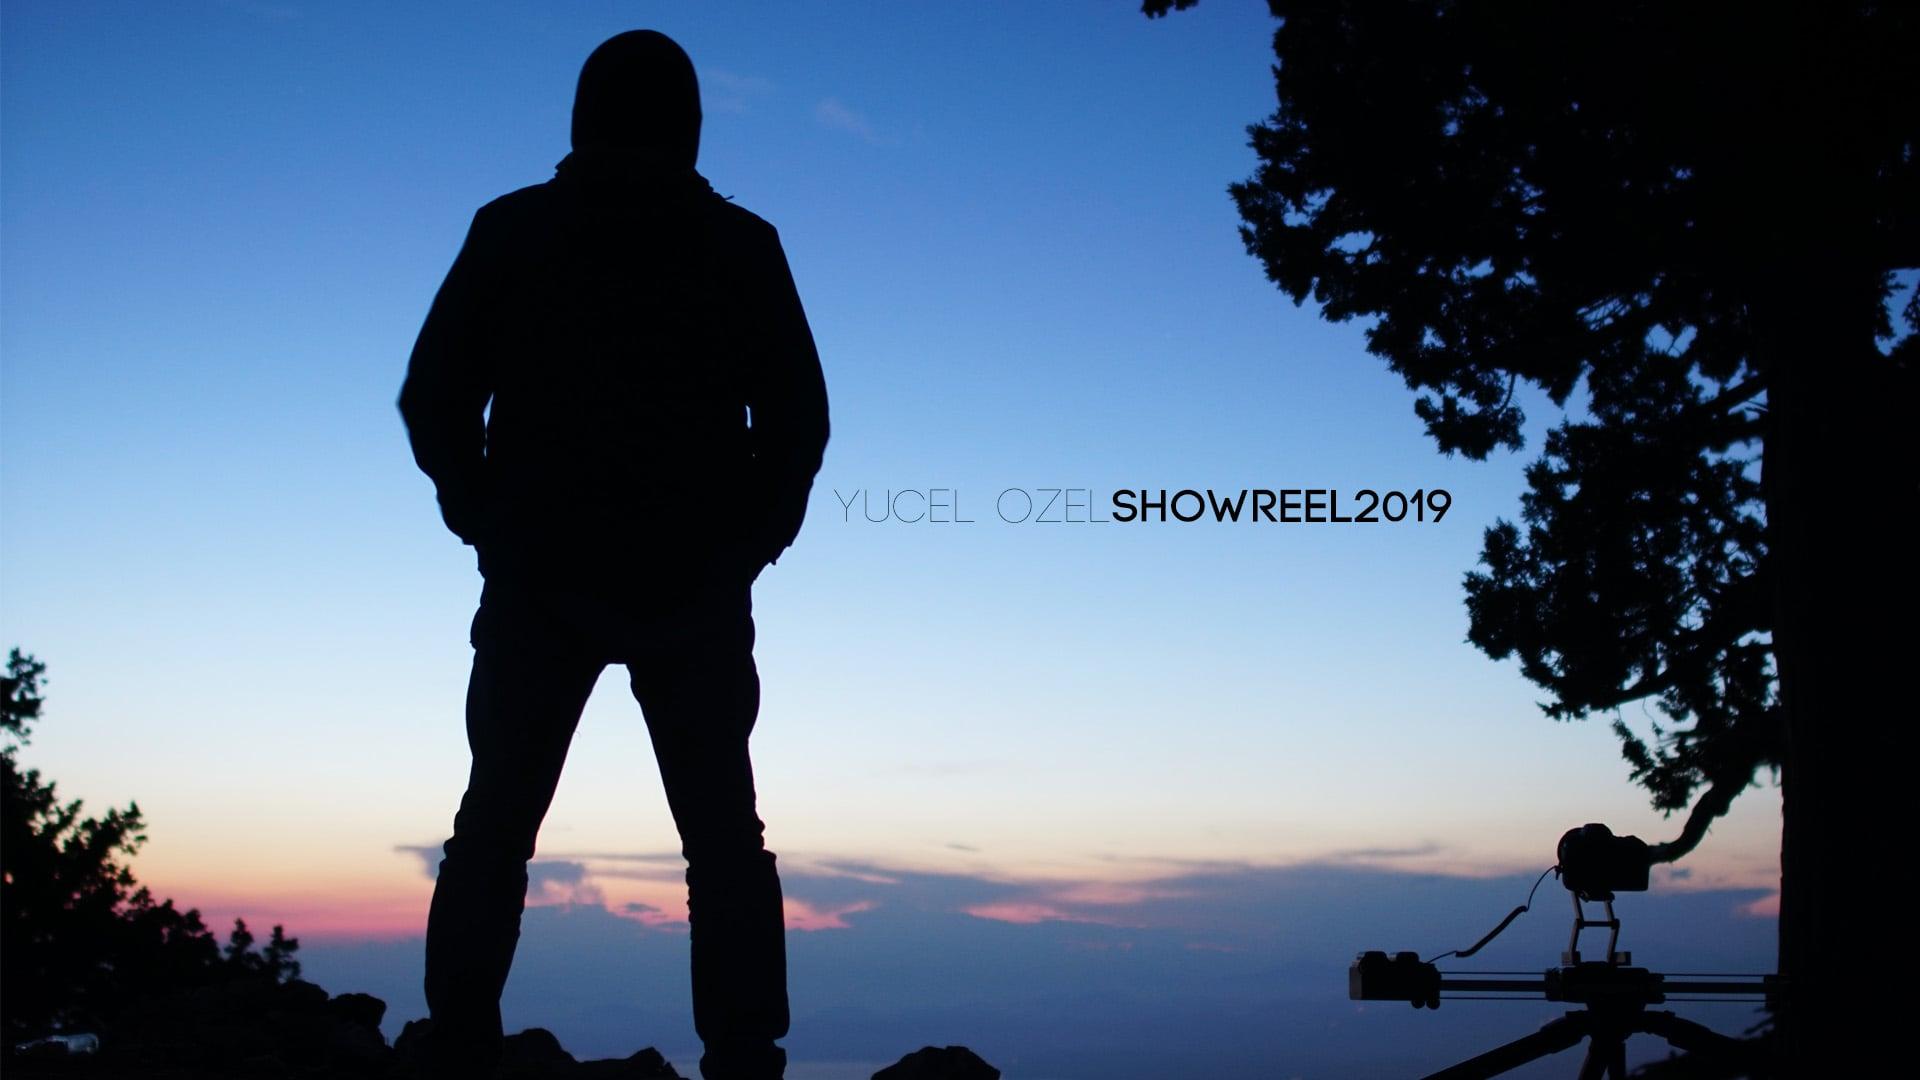 Yucel OZEL Showreel 2019